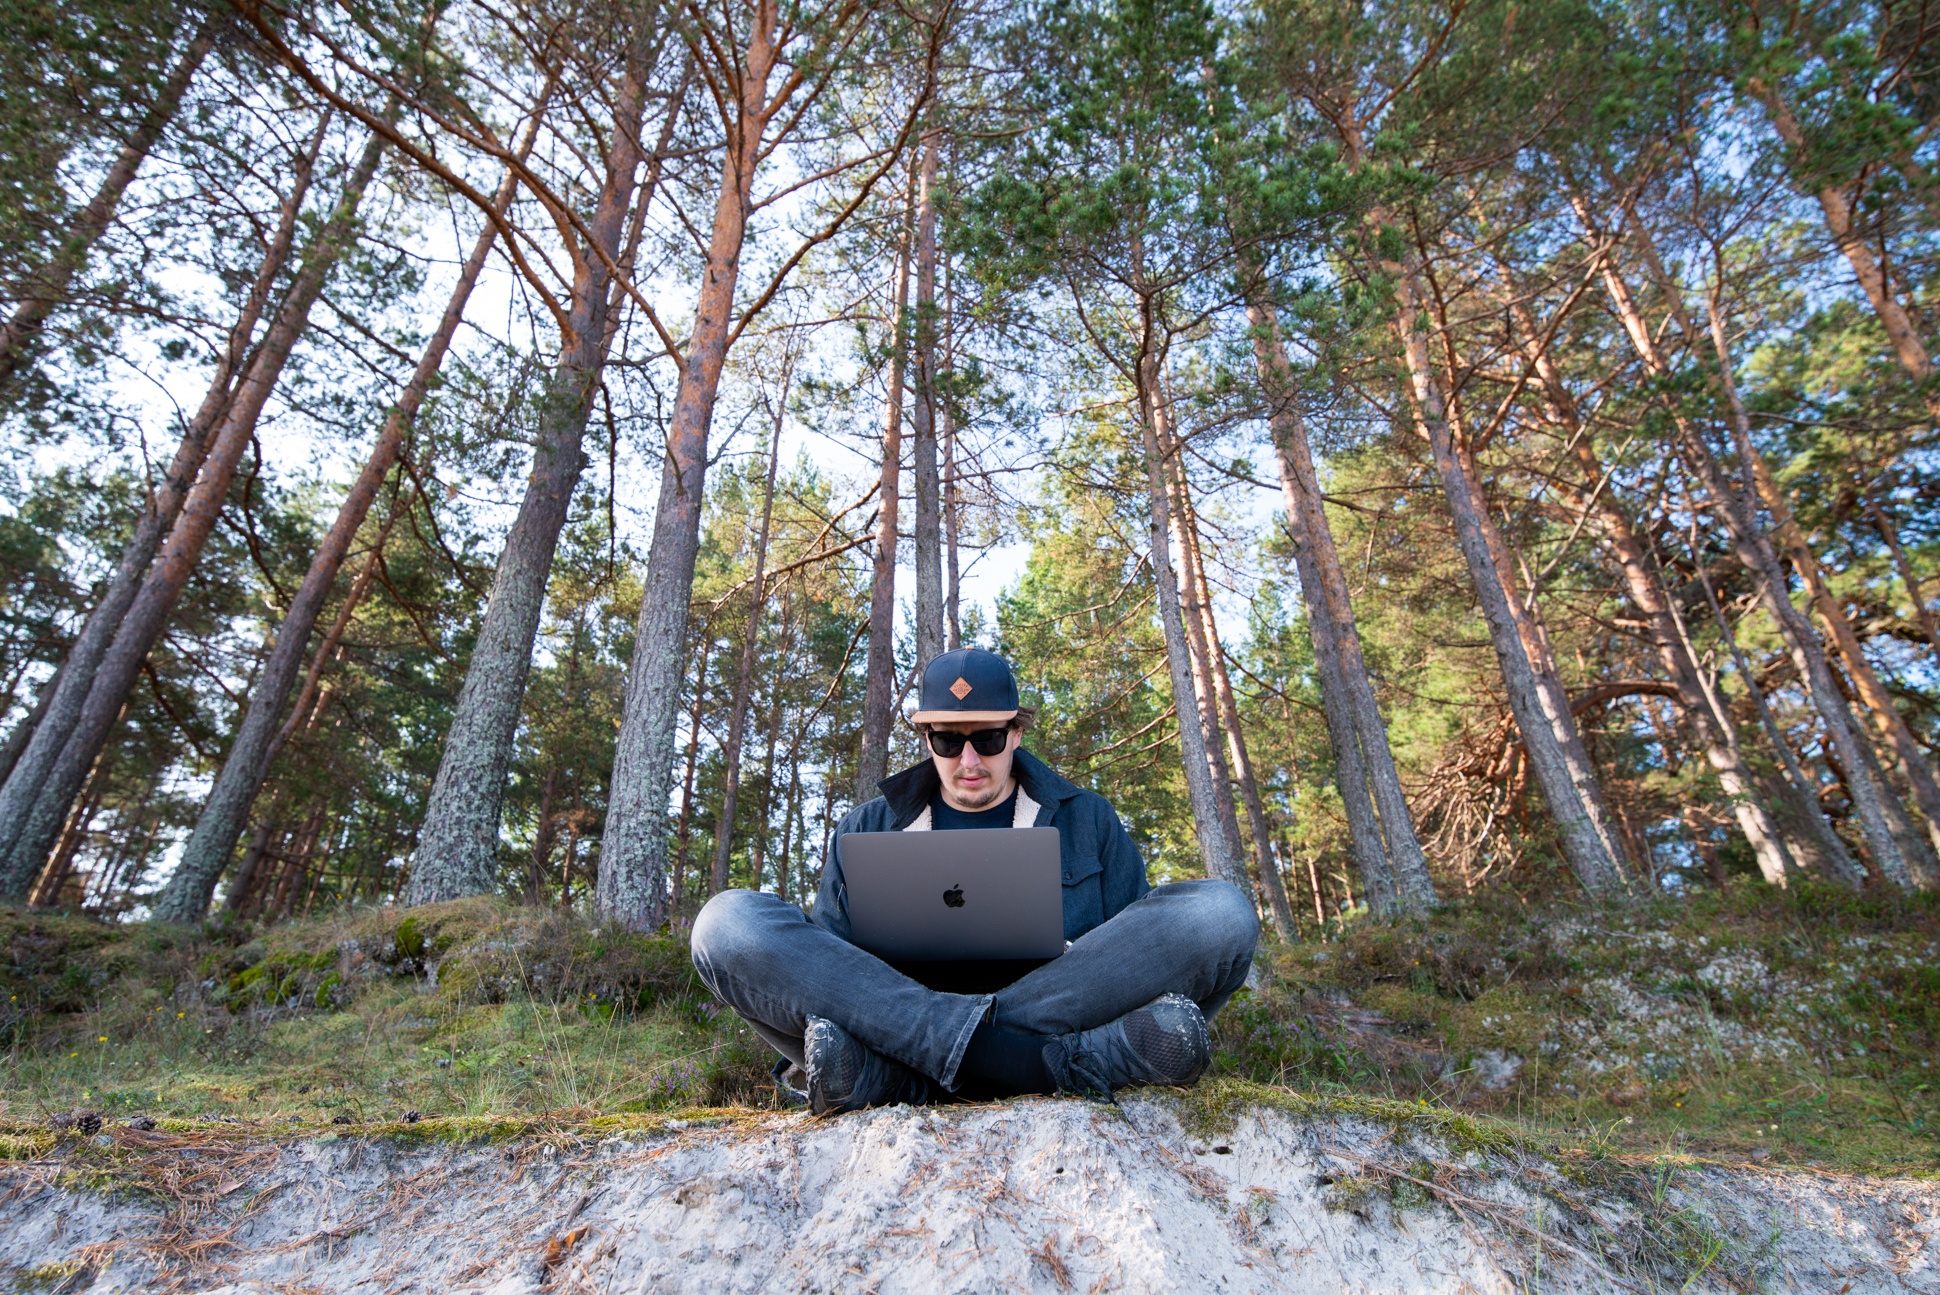 Digital nomad working in the national park Kemeru, Latvia. Photo taken by Ellis Peeters.